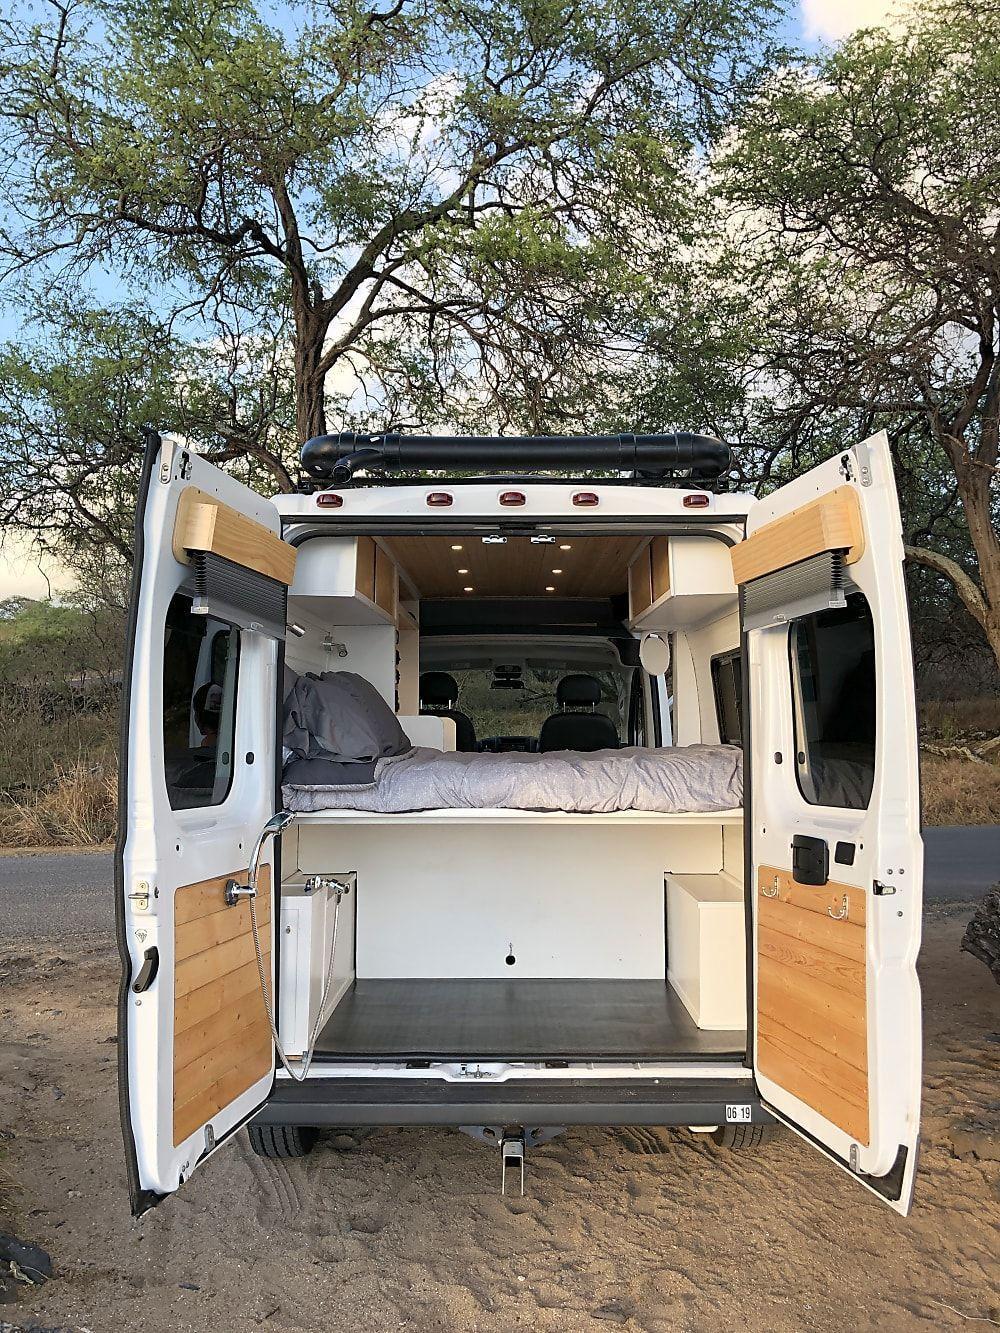 Van Life Aesthetic Van Life Budget Van Life Hacks Van Life Interior Van Life Vehicles In 2020 Dodge Camper Van Van Conversion Shower Dodge Ram Van